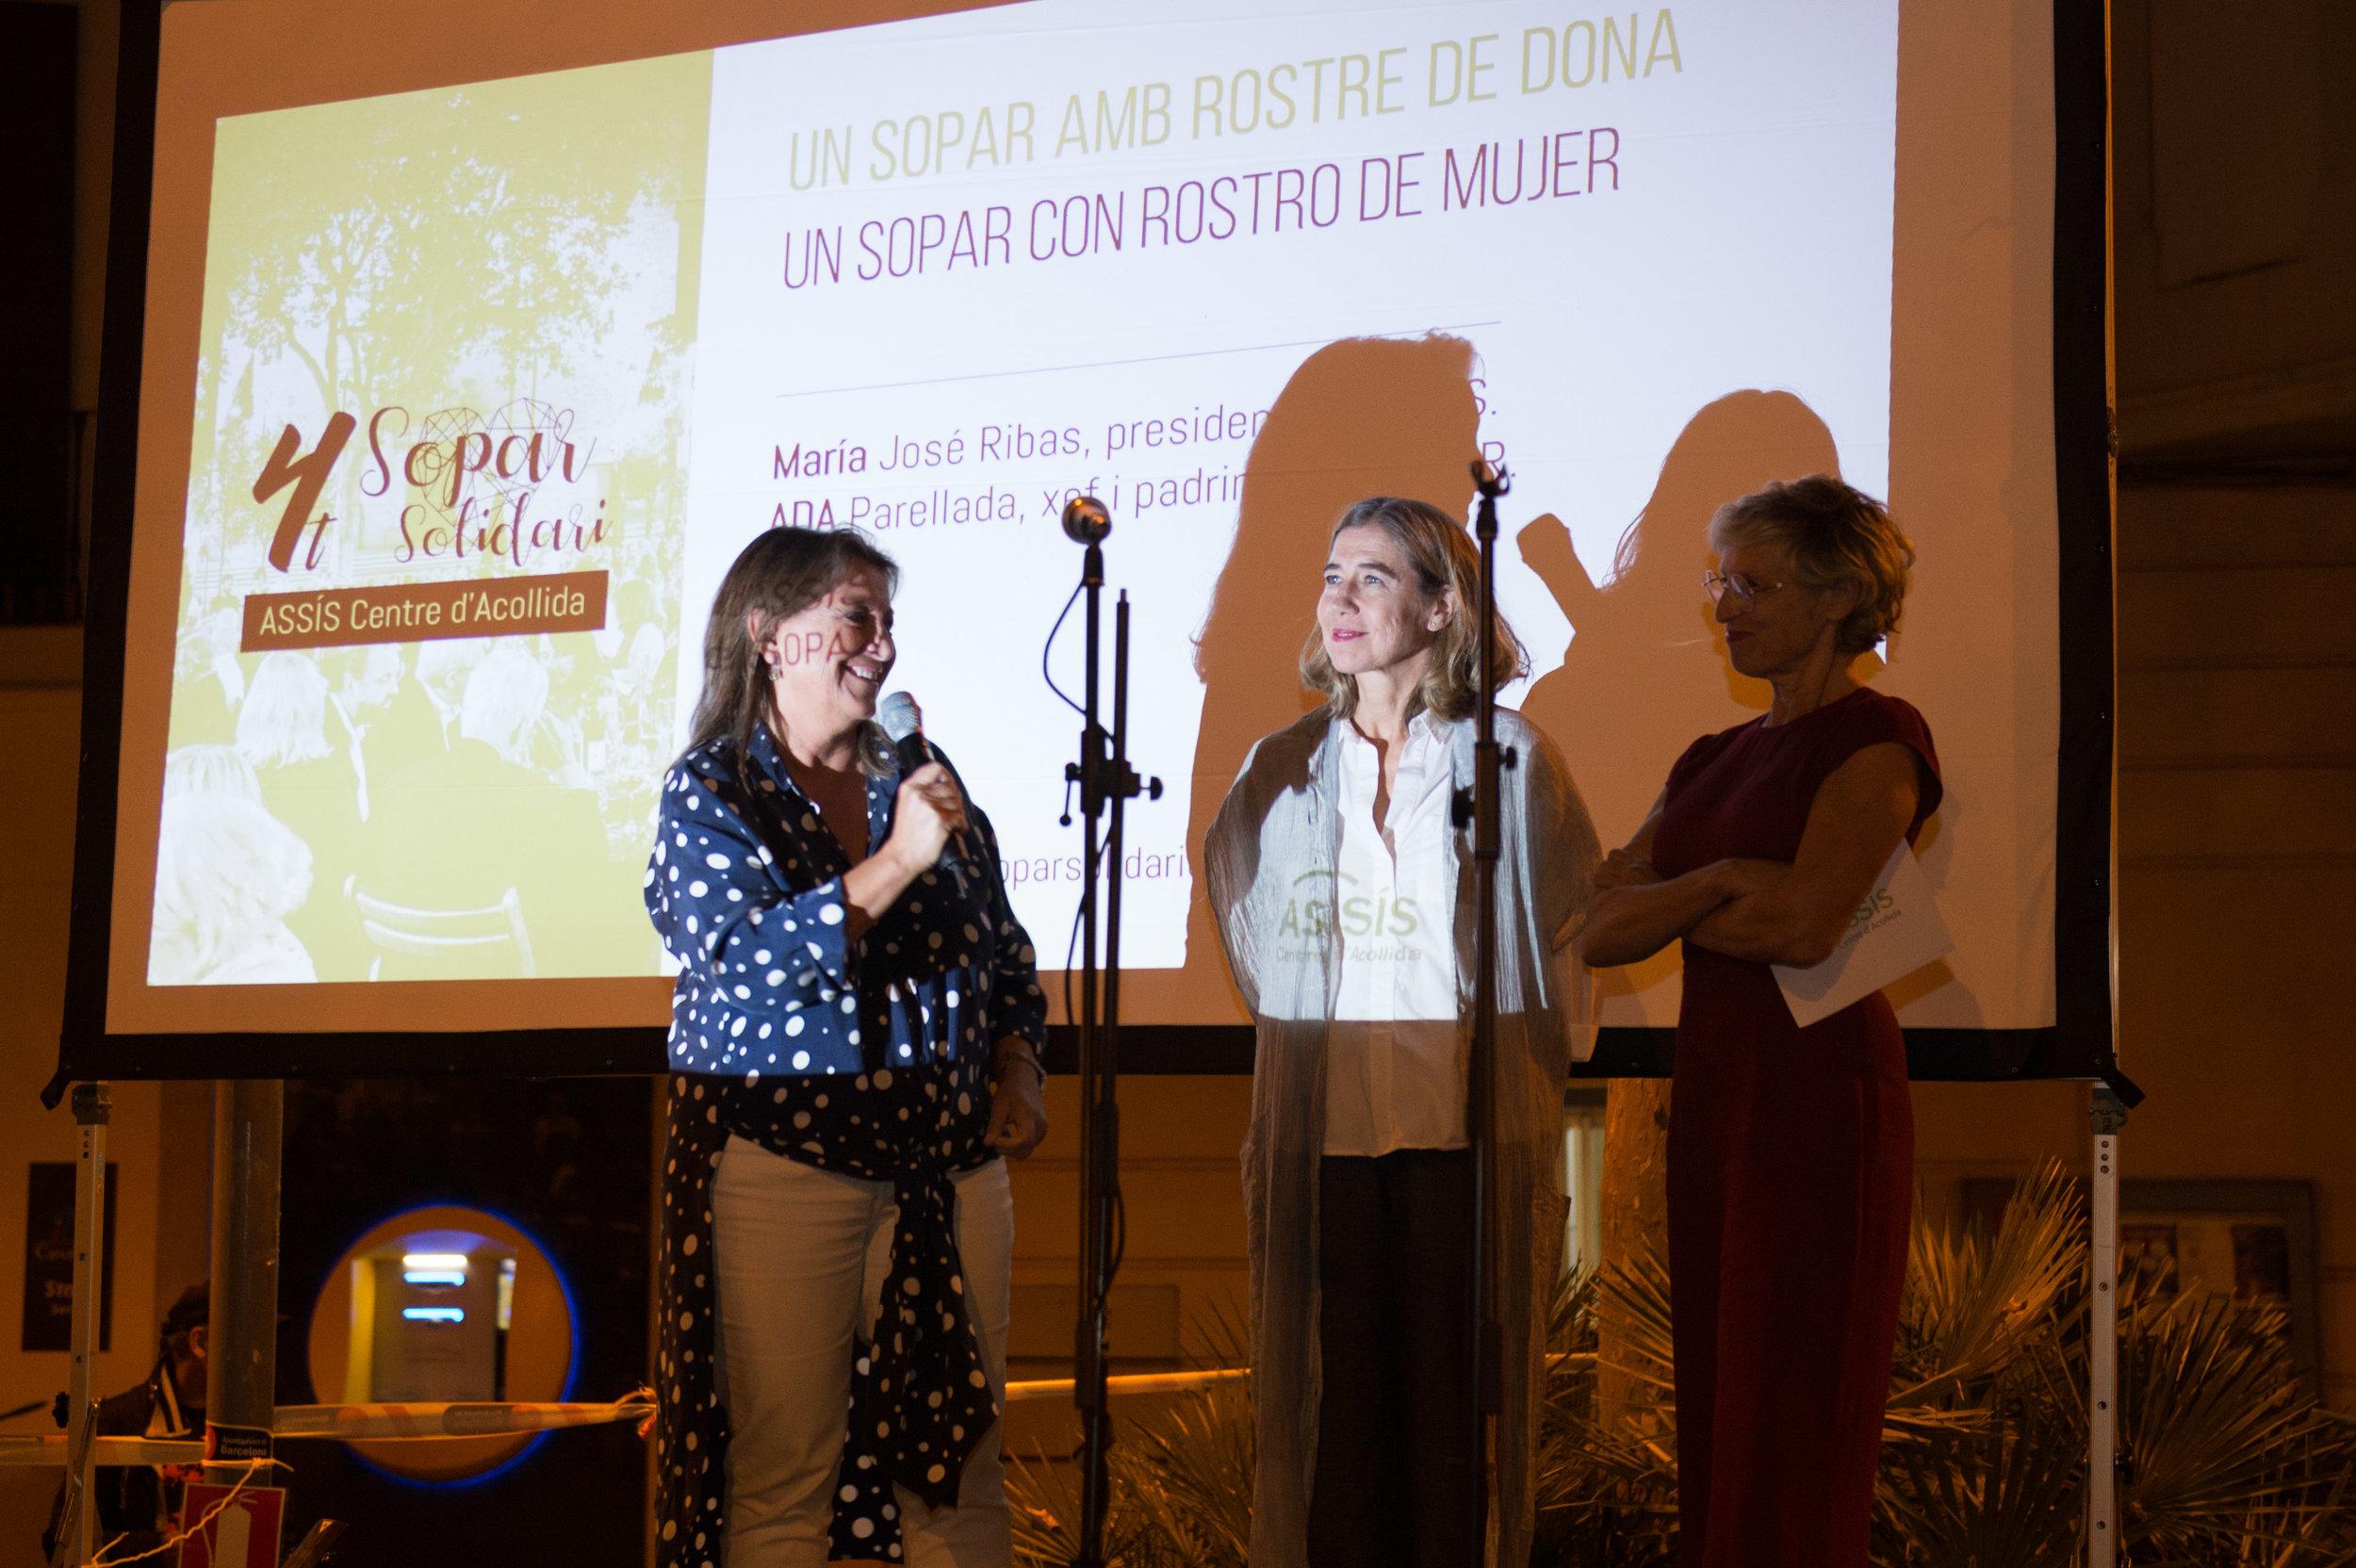 D'esquerra a dreta: Maria José Ribas (presdenta d'ASSÍS); Ada Parellada (reconeguda xef i padrina del SOPAR) i Pete Soler (periodista i conductora del SOPAR).